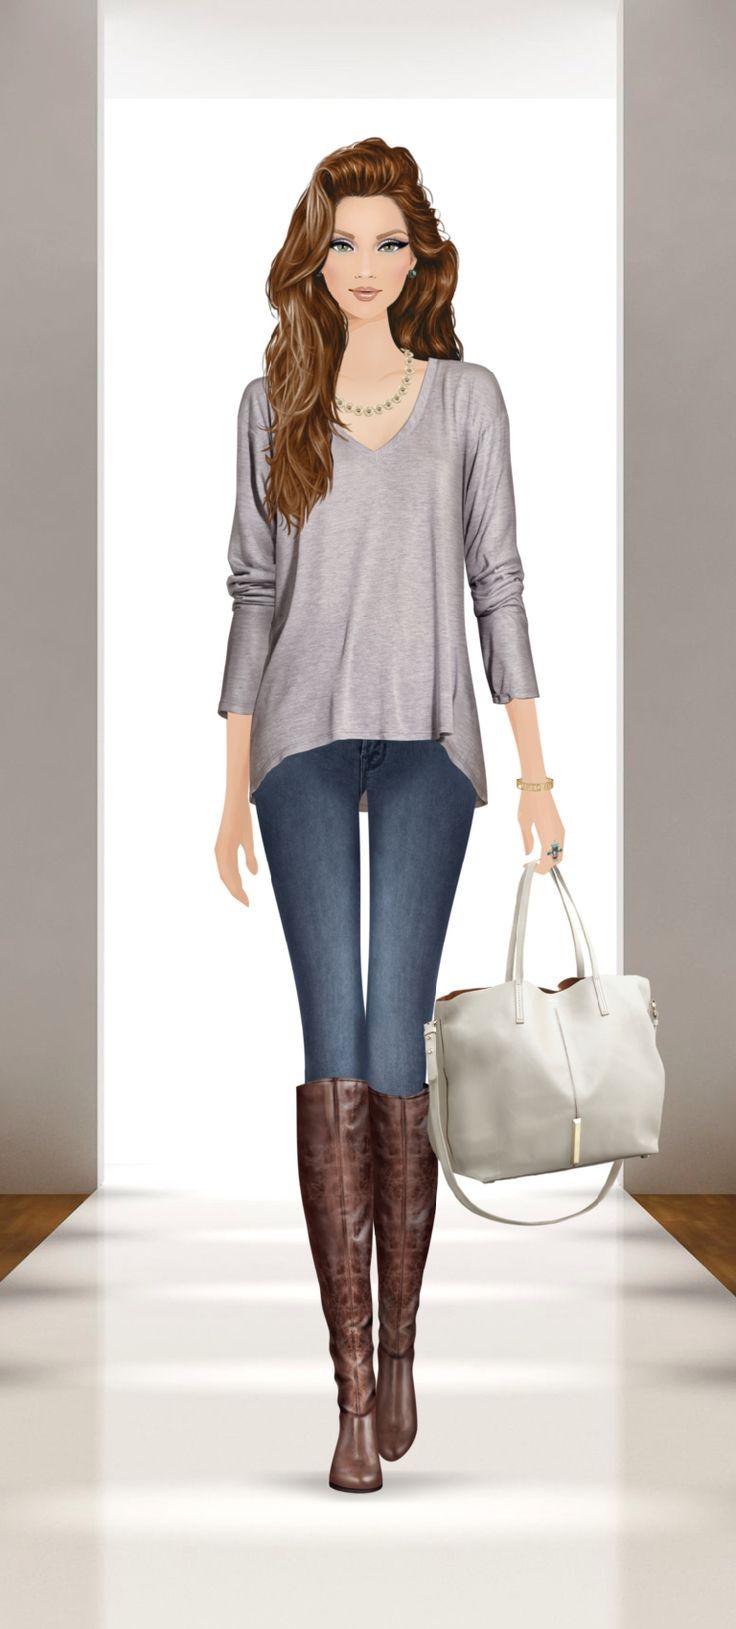 fashionillustr.quenalbertini: Fashion Game